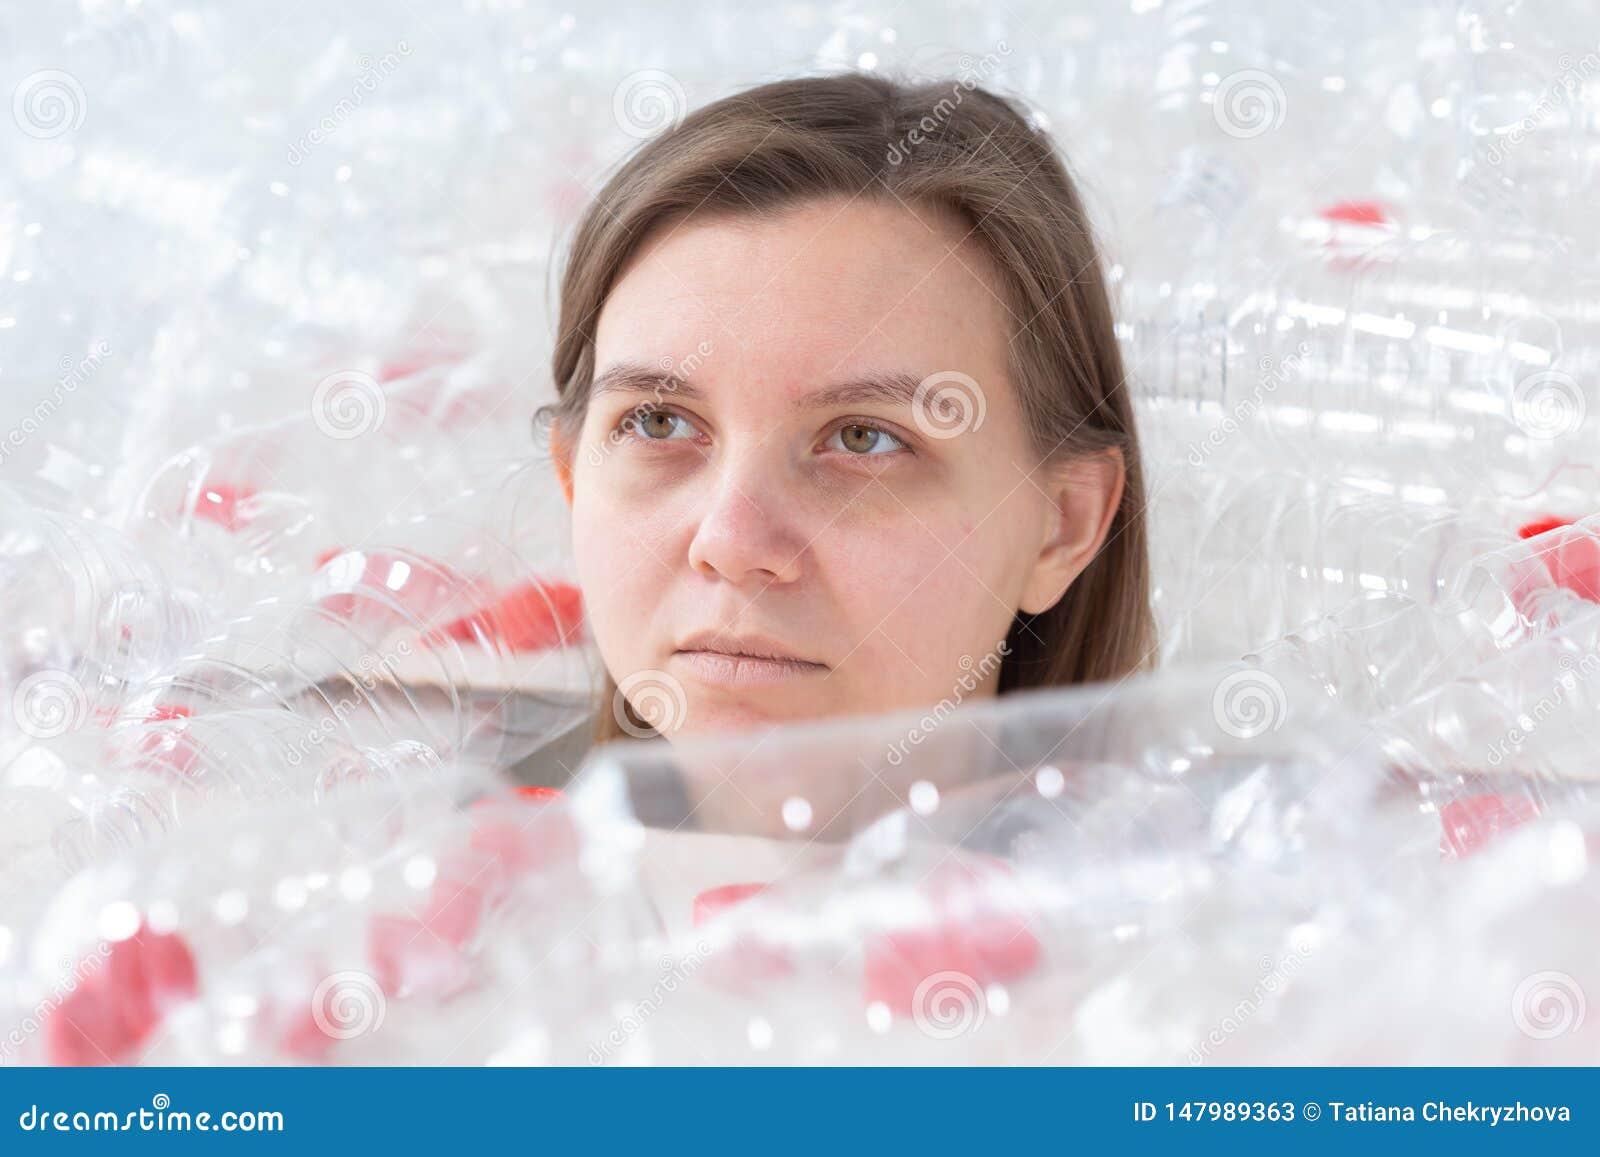 La mujer enferma deshidratada est? mintiendo en una pila de botellas pl?sticas Problema de la contaminaci?n ambiental Basura de l